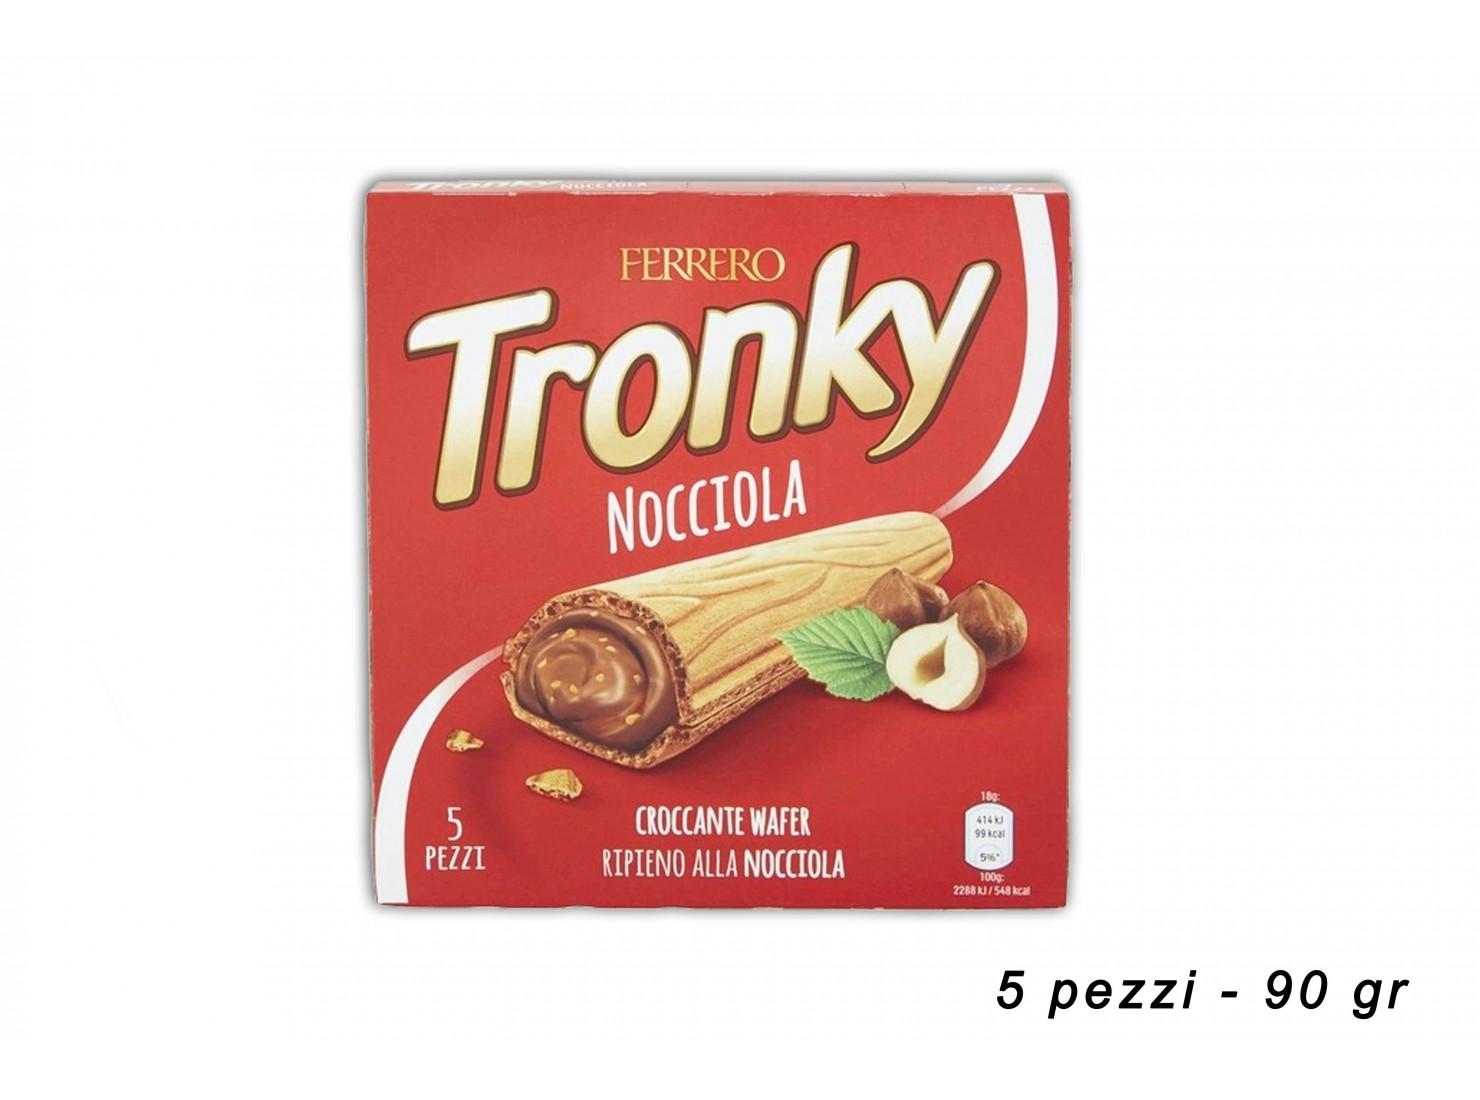 FERRERO TRONKY NOCCIOLA 5...